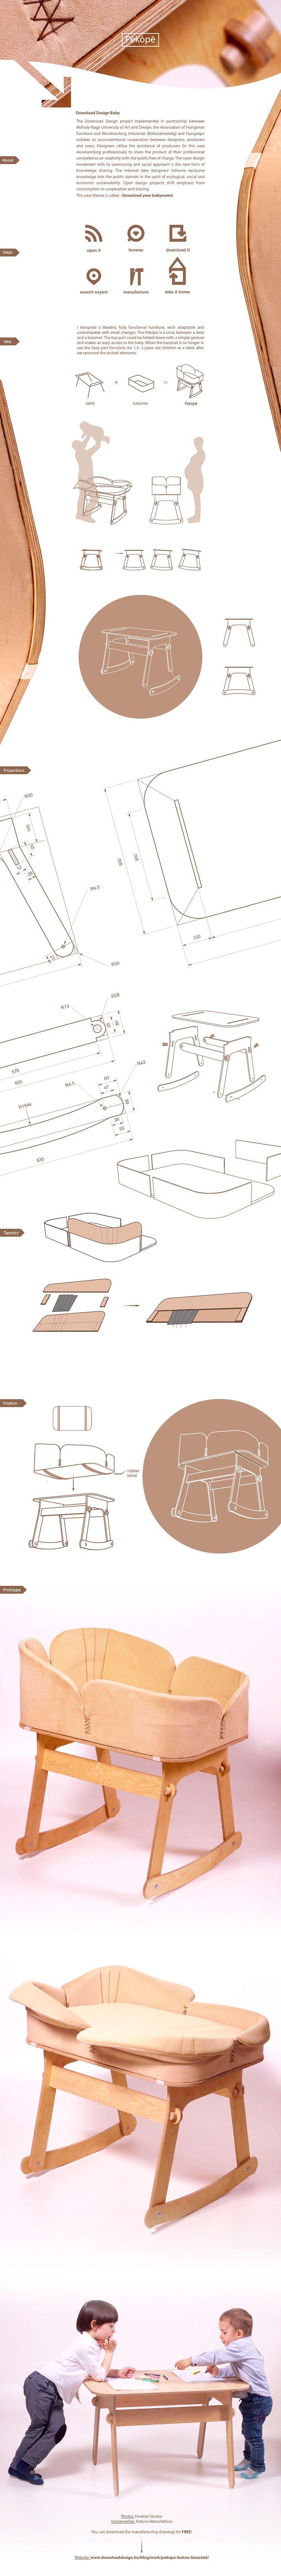 Download Design Project: Pekópé Baby Bassinet Design on Behance